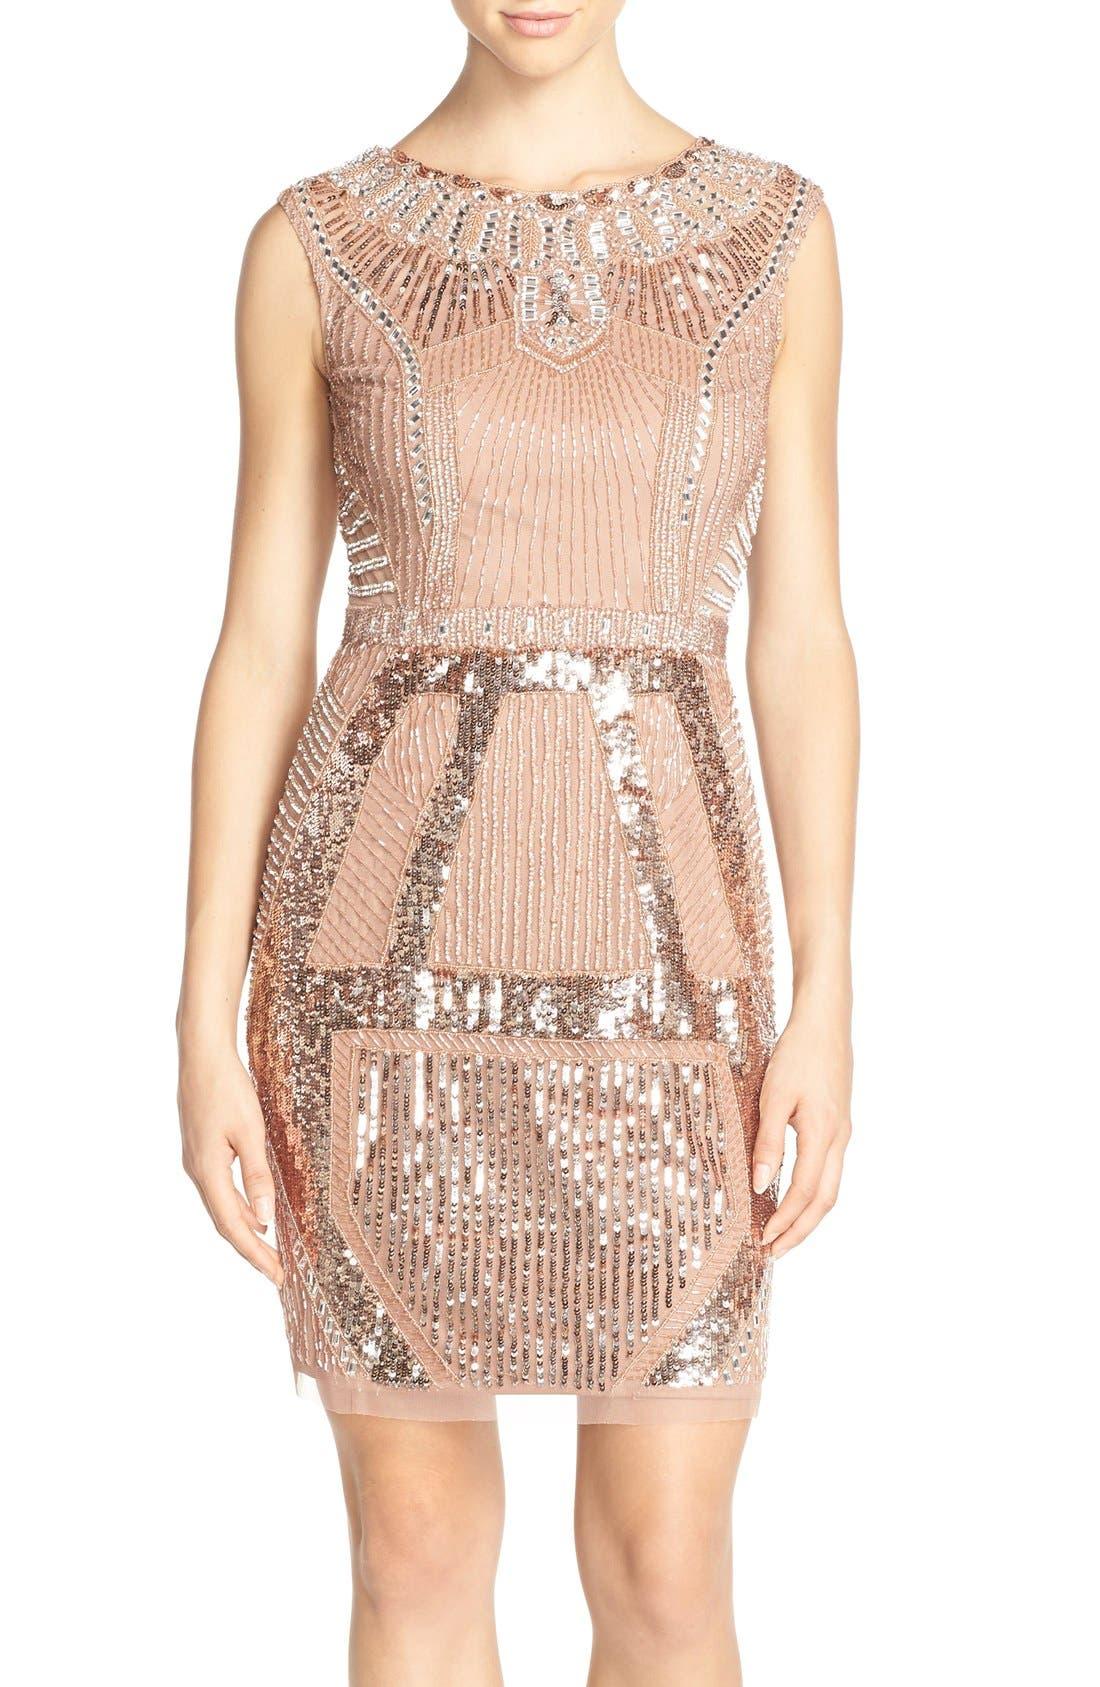 Main Image - Aidan Mattox Embellished Sleeveless Dress